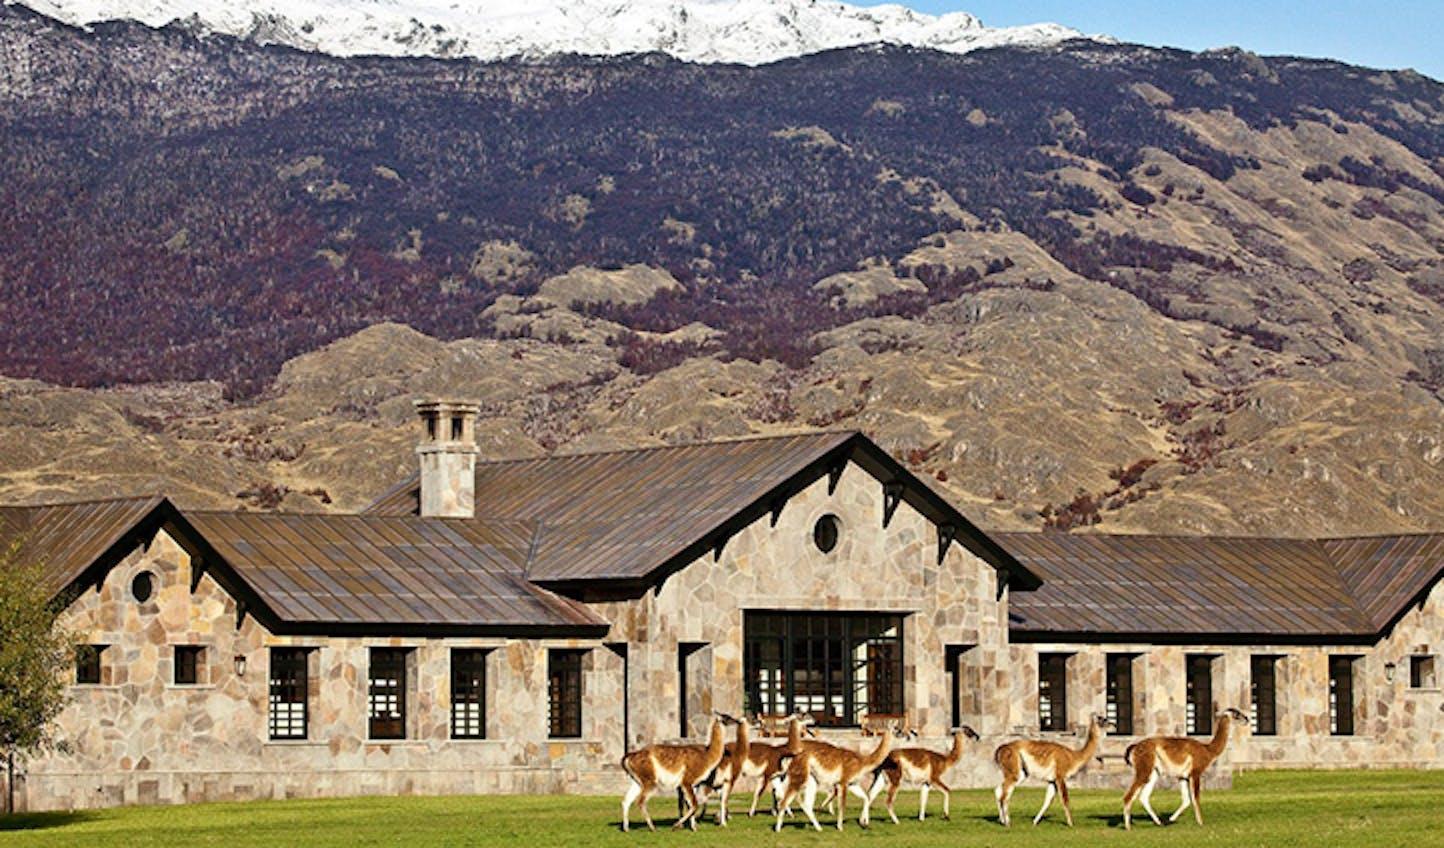 Estancia Lodge, Chile